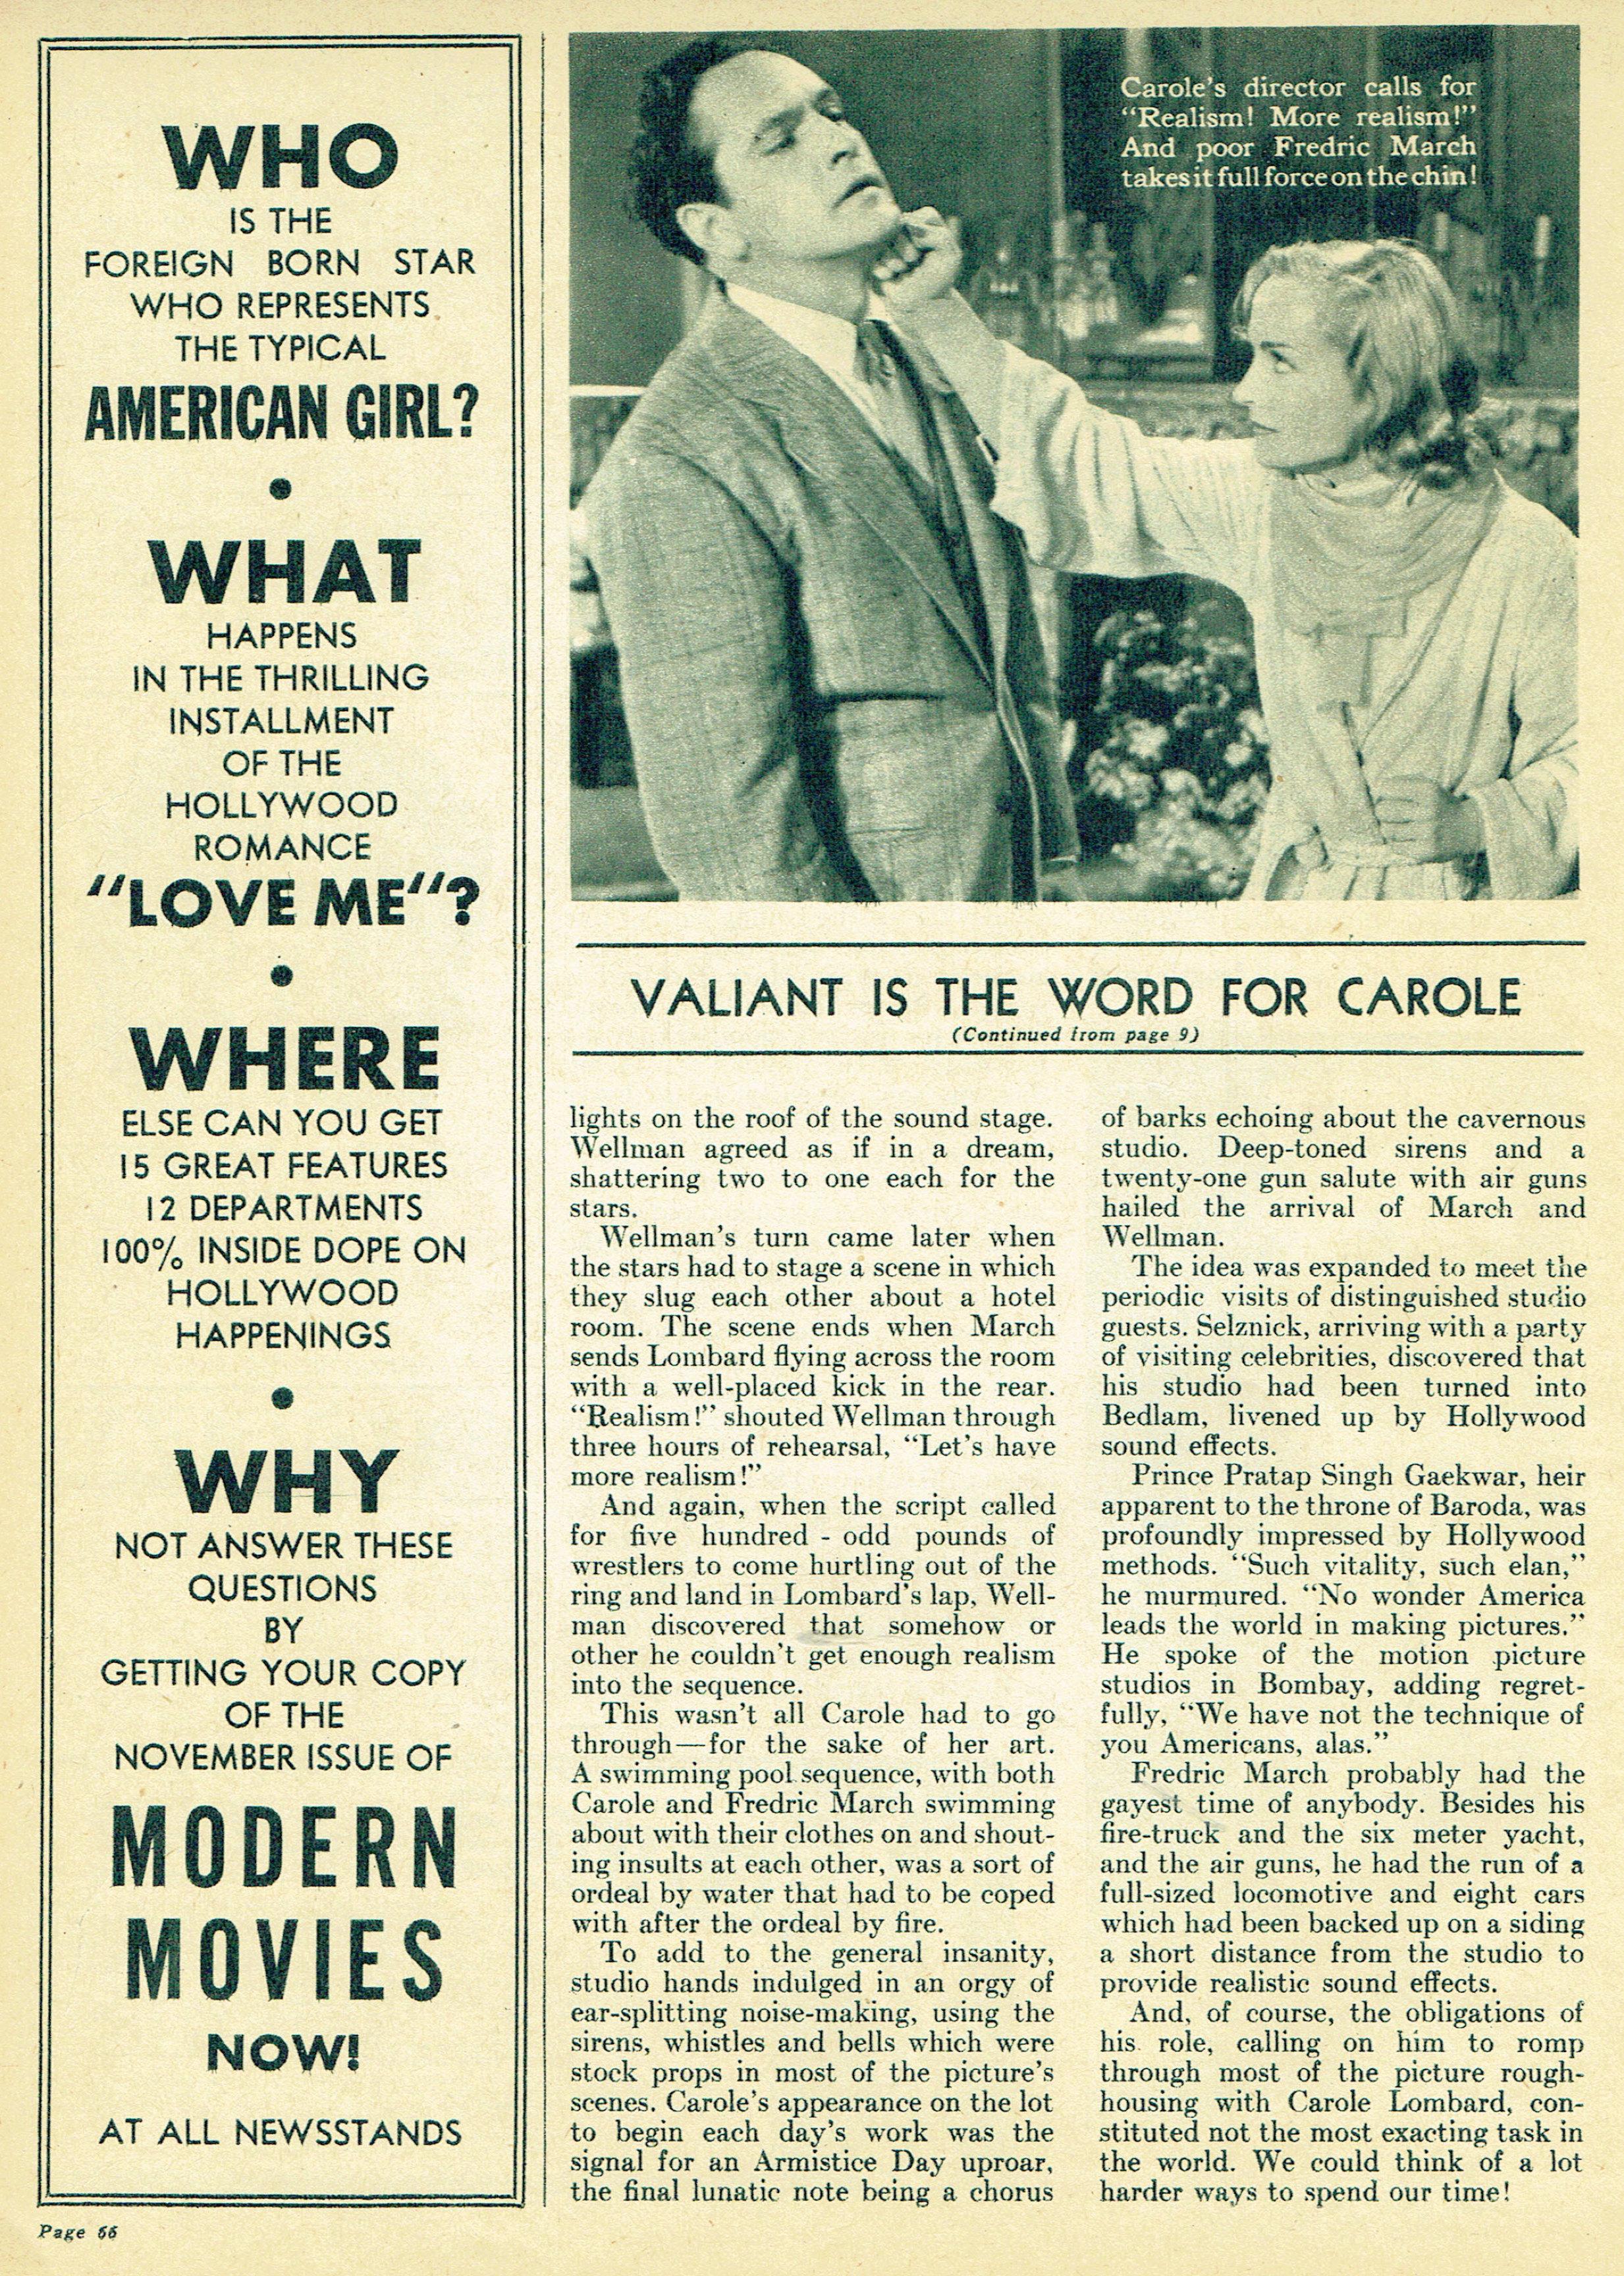 carole lombard movie life november 1937ca